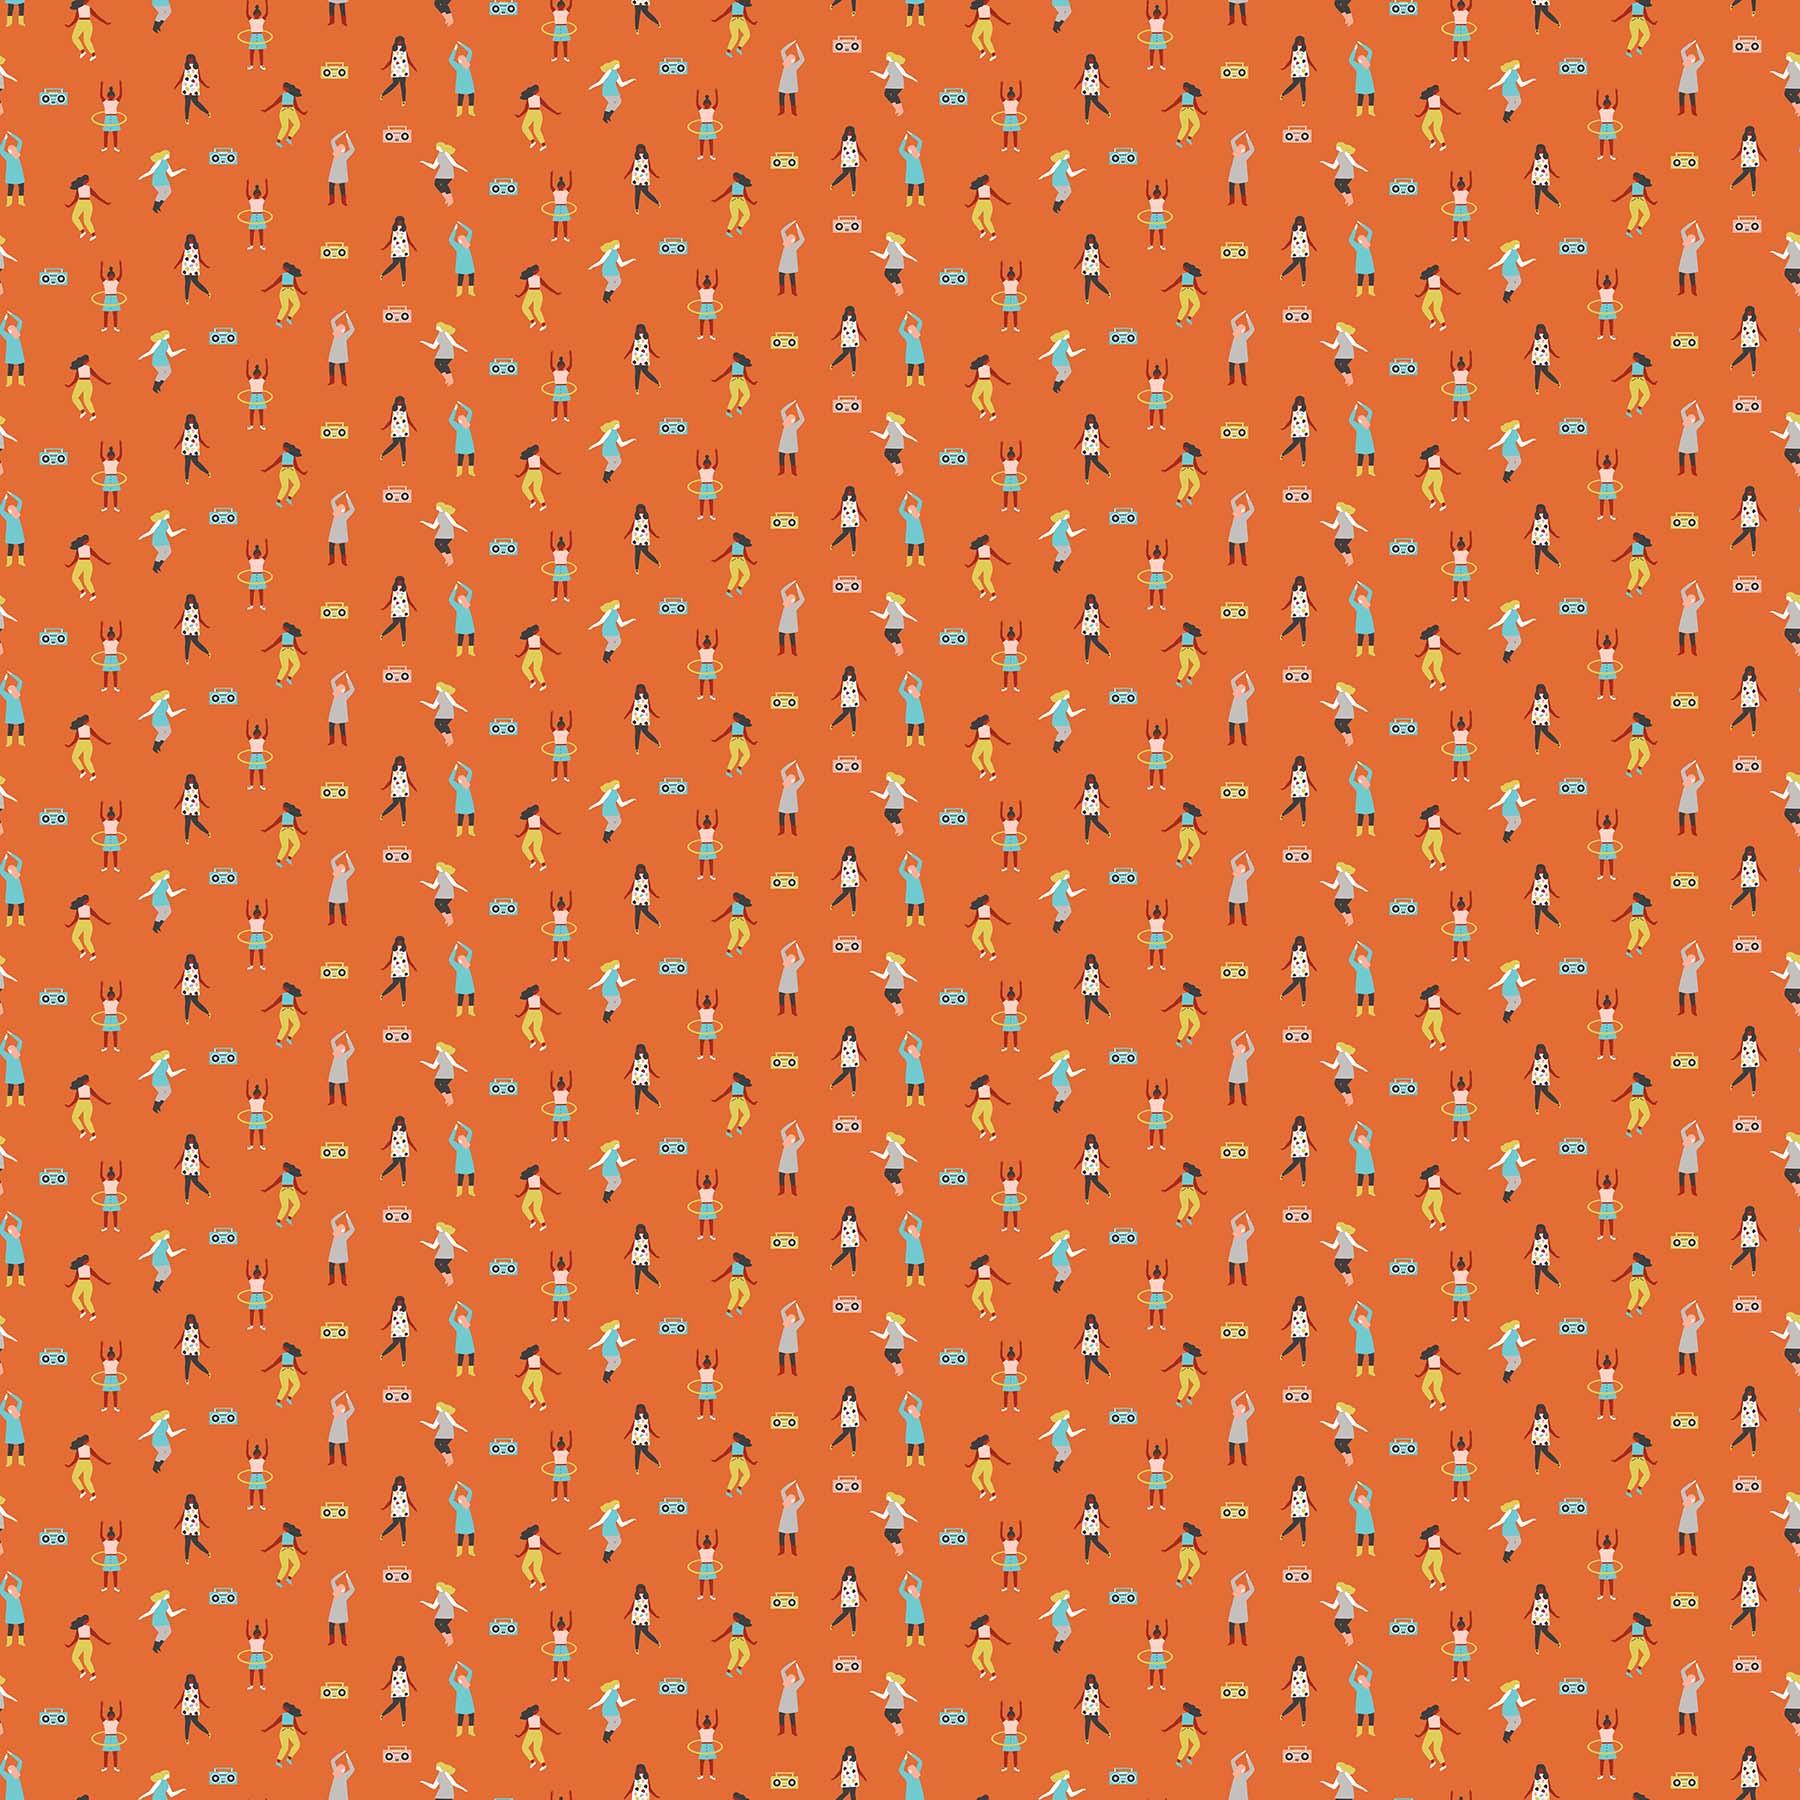 90020-59.jpg